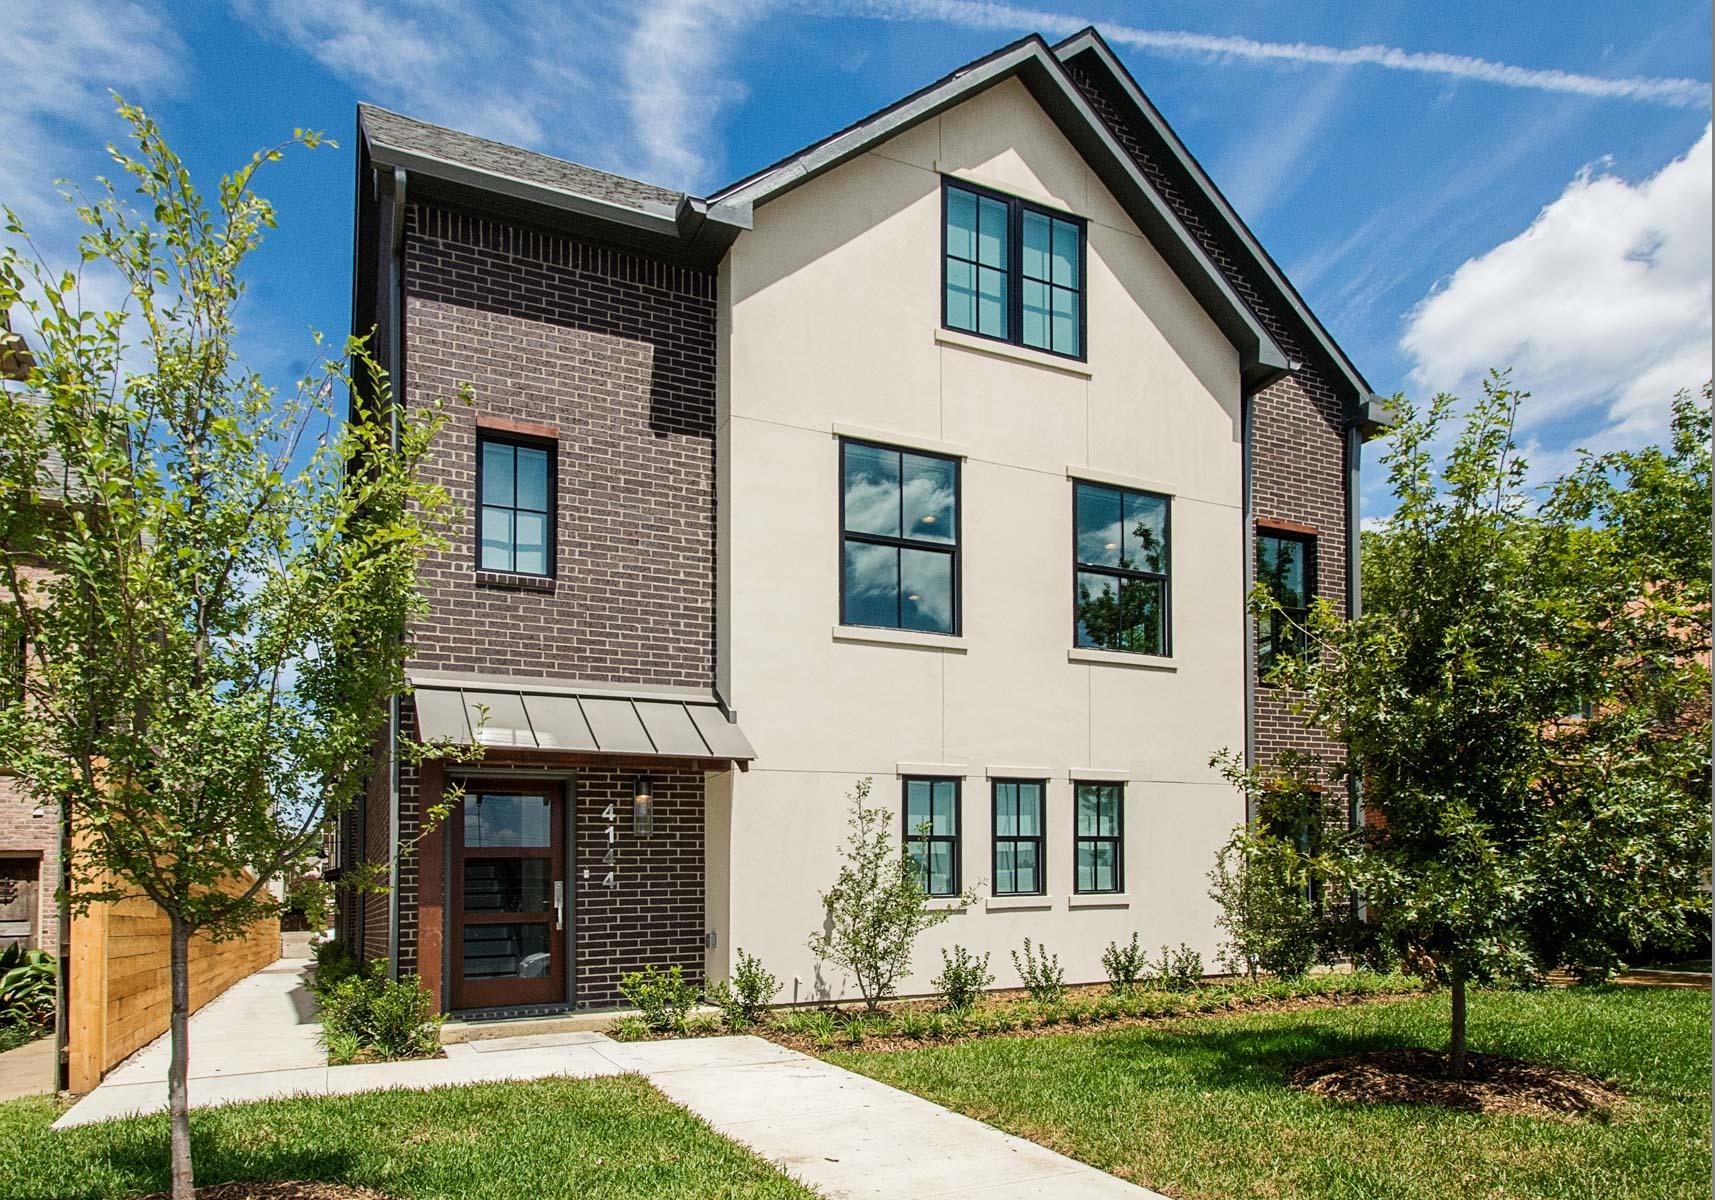 Casa para uma família para Venda às Contemporary University Park Townhomes 4144 Druid Ln 3 Dallas, Texas, 75205 Estados Unidos